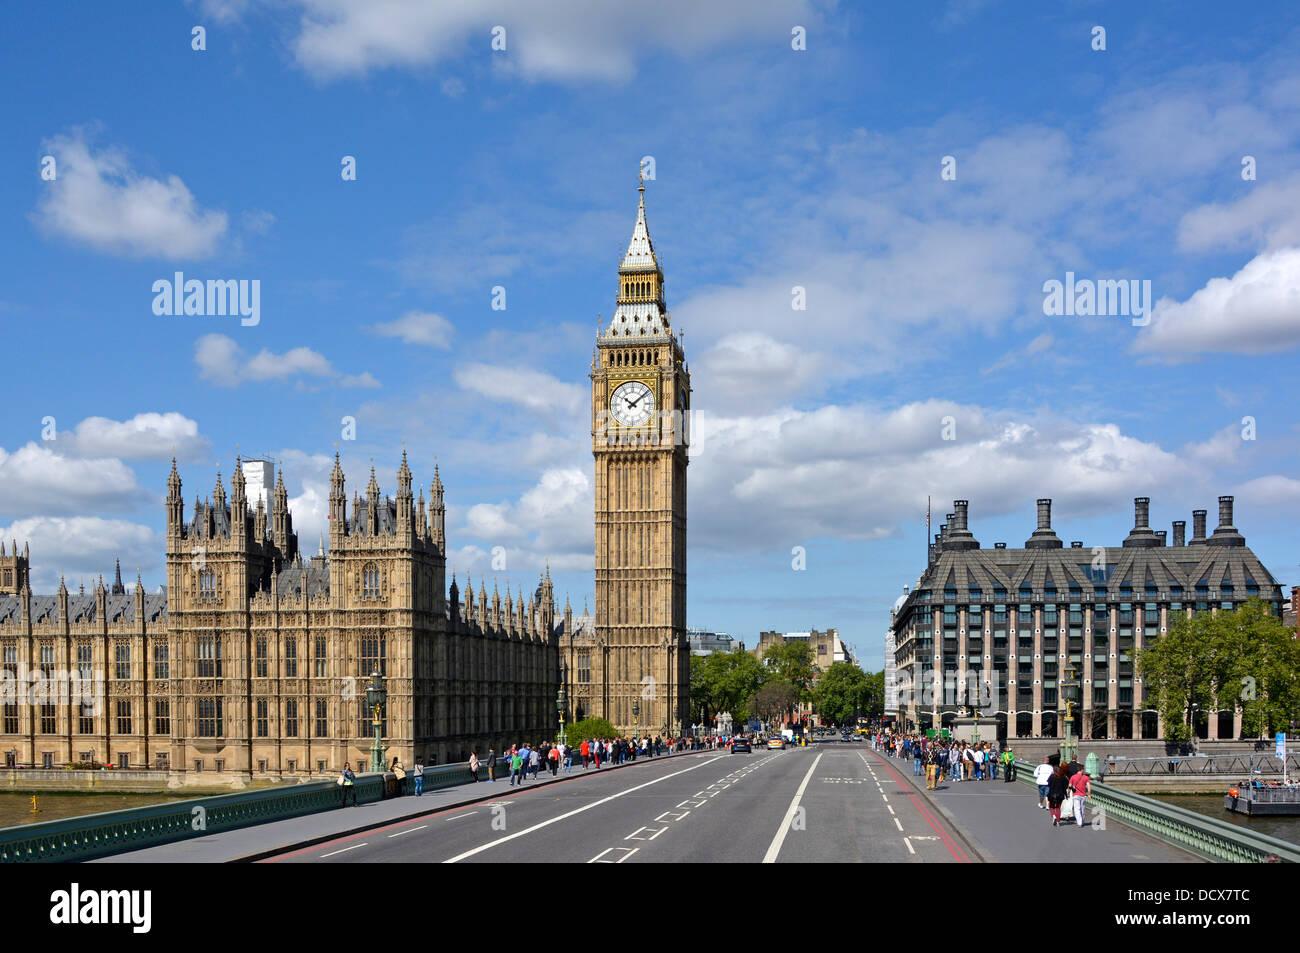 Las casas del parlamento con Elizabeth Tower (Big Ben) y Portcullis House visto desde el puente de Westminster Londres, Inglaterra Foto de stock